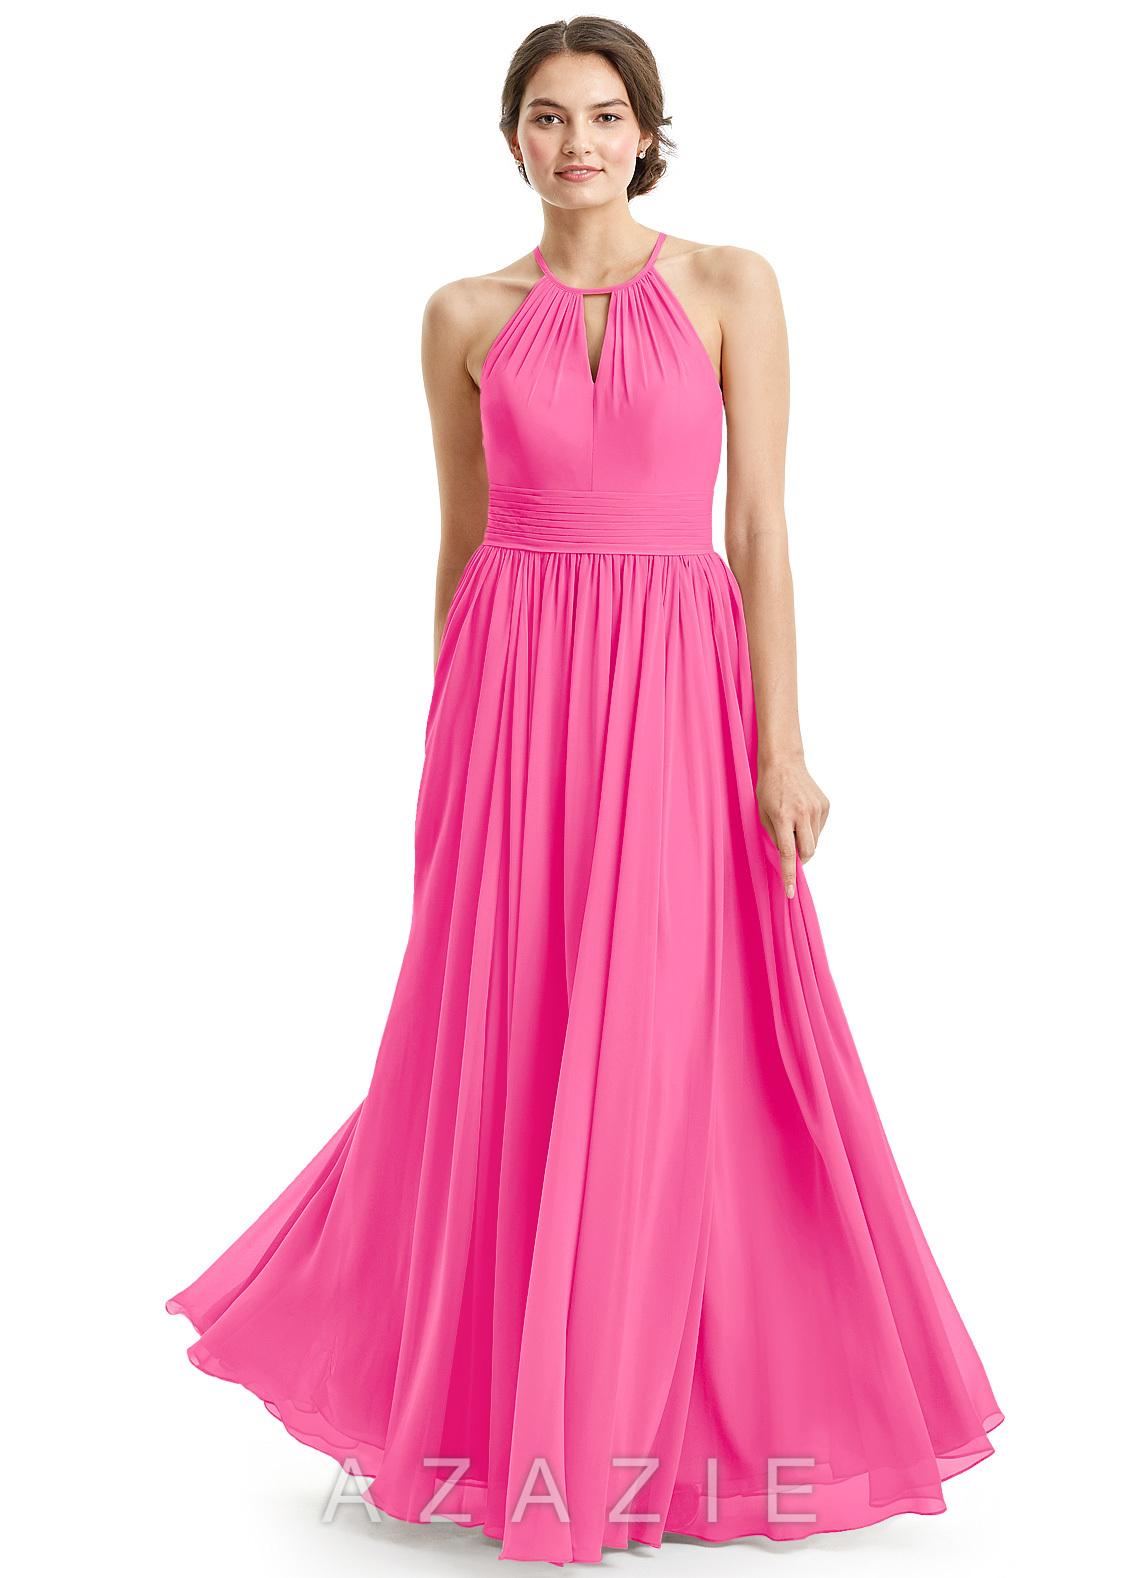 Azalea bridesmaid dresses azalea gowns azazie azazie cherish azazie cherish ombrellifo Images